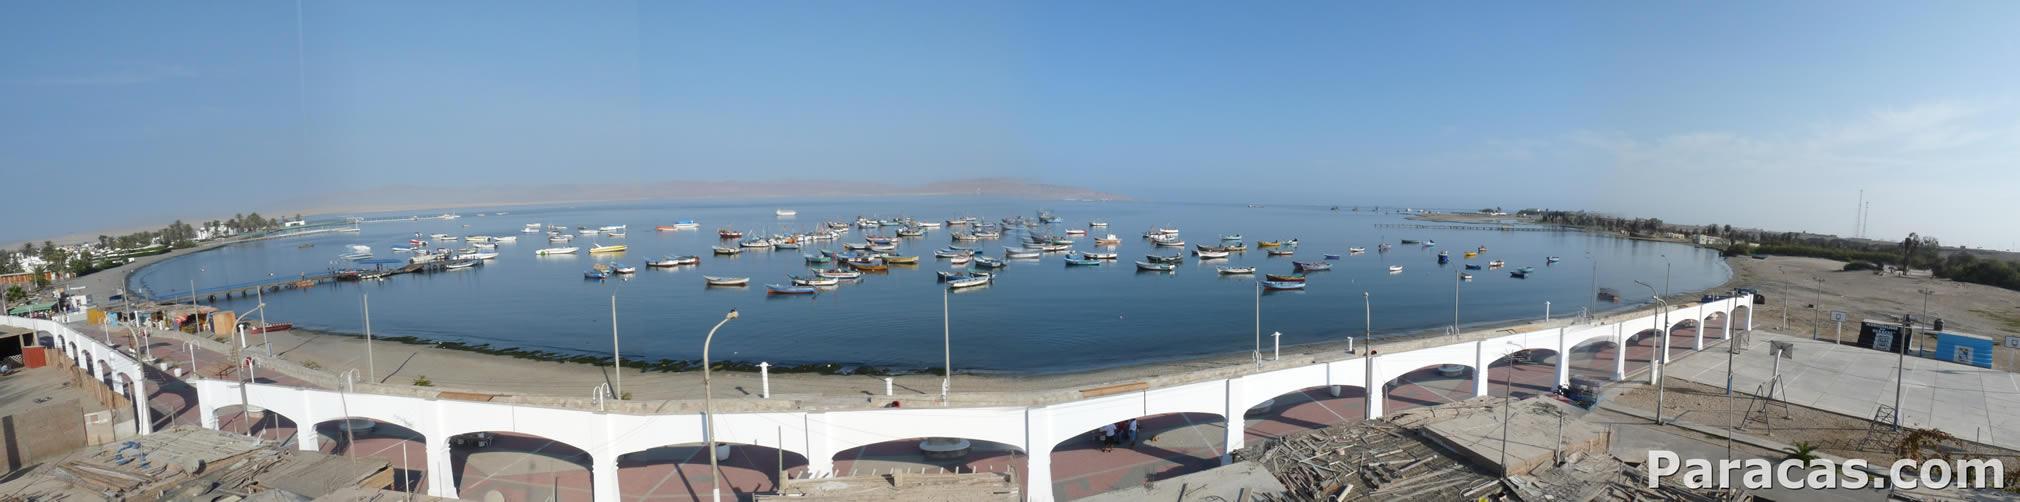 Bahía de Paracas - Vista panorámica - Paracas.com